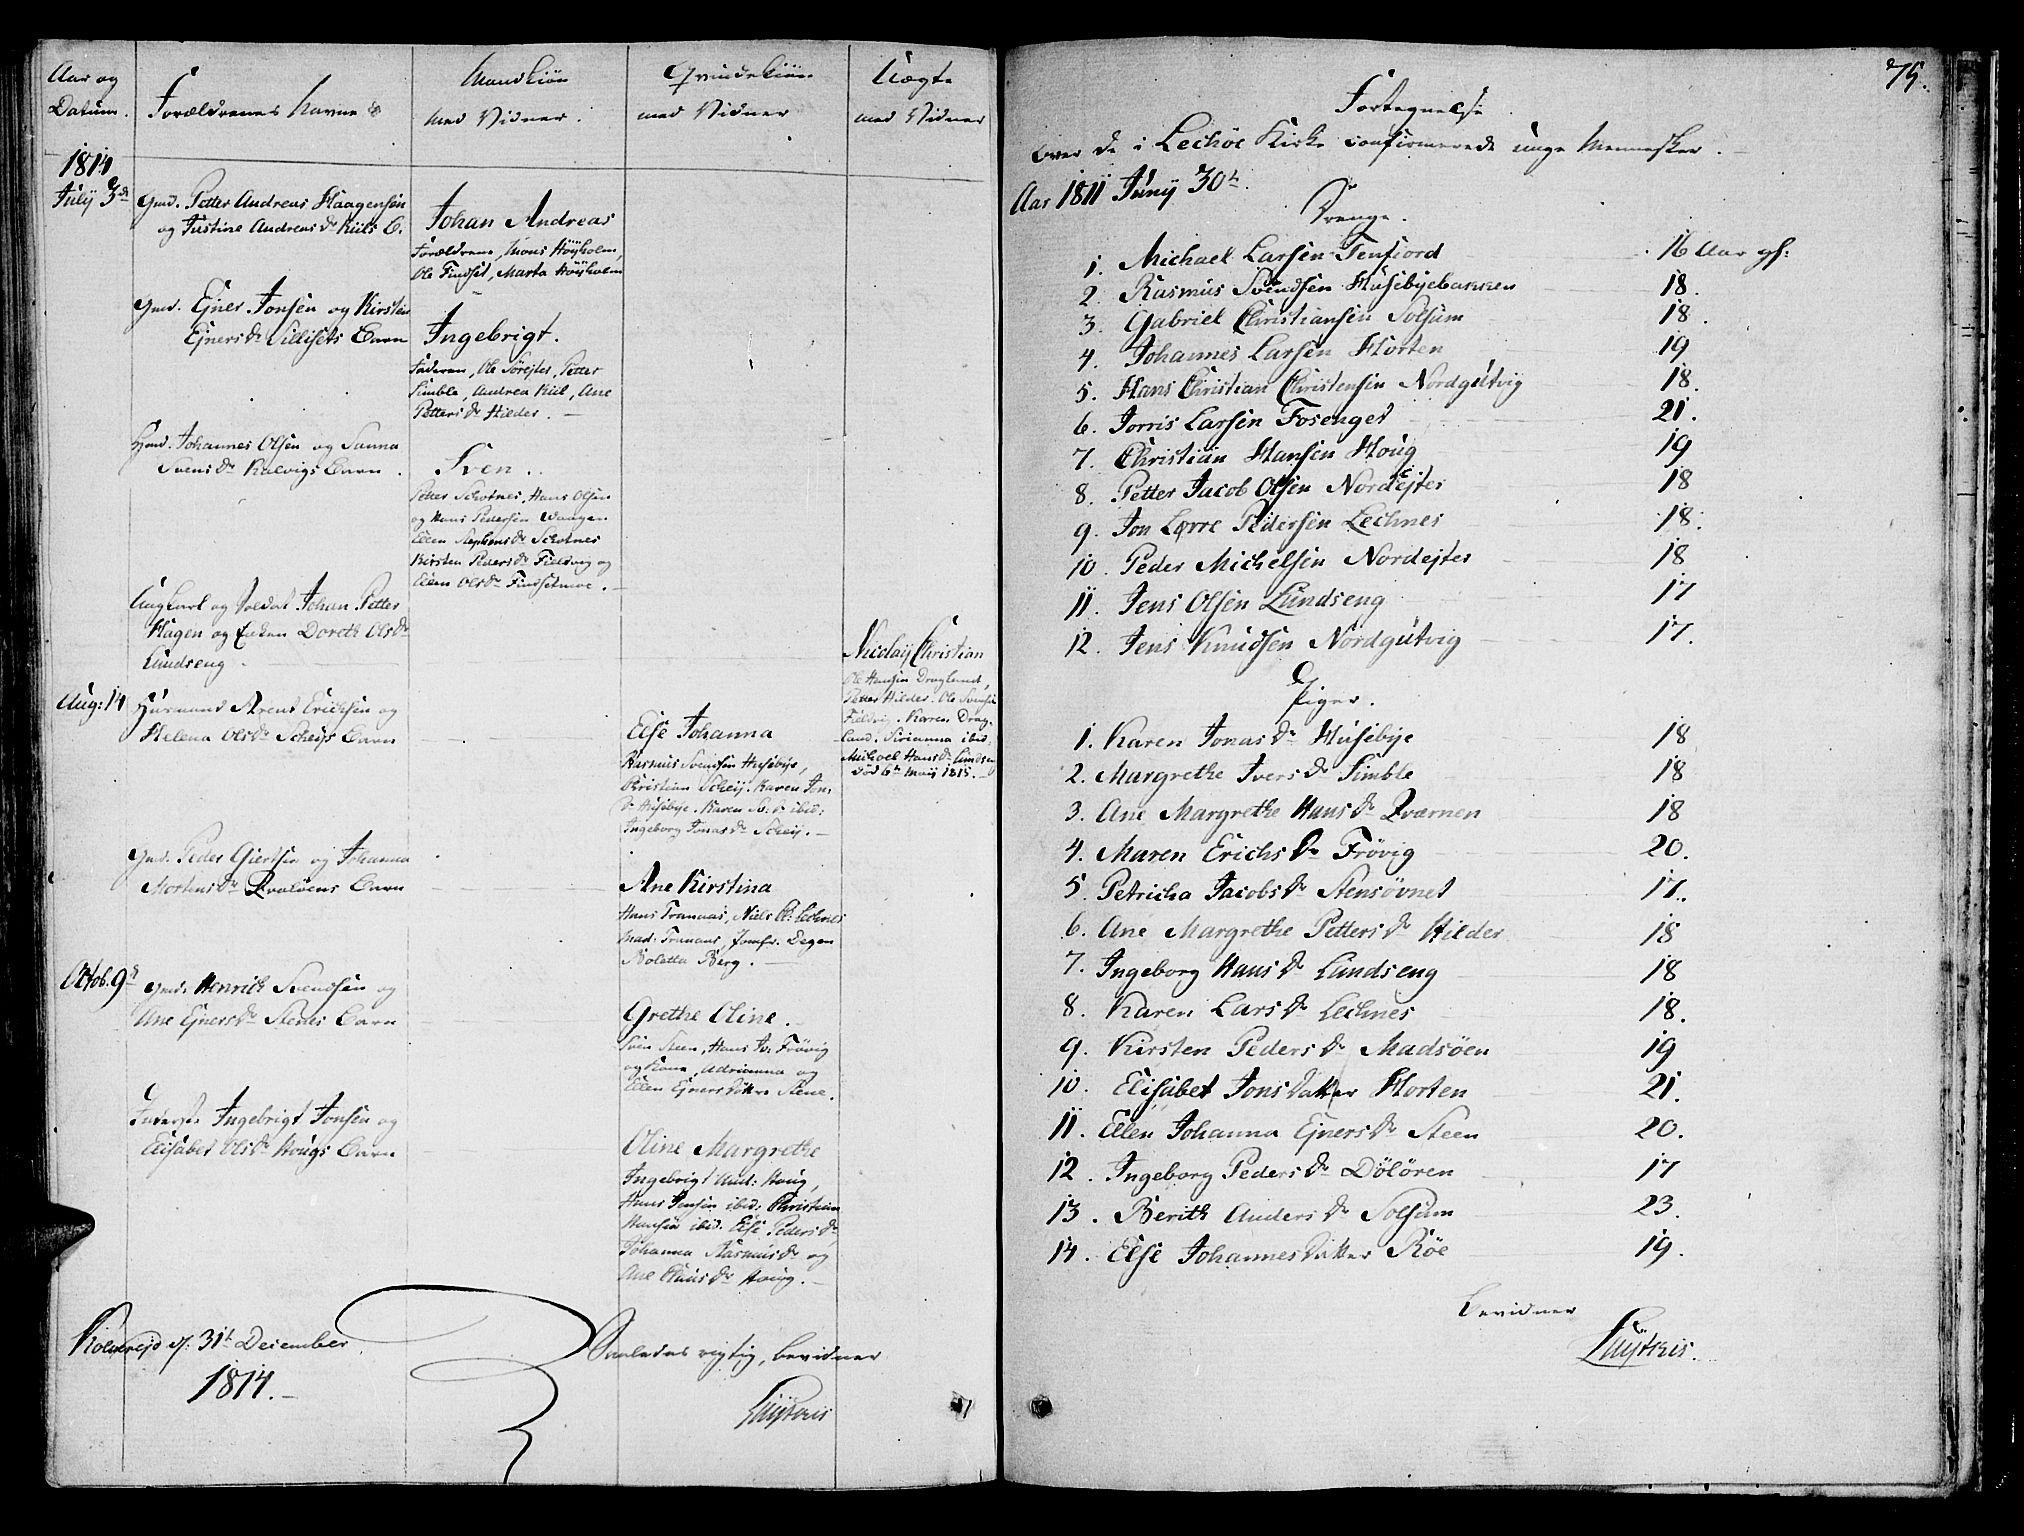 SAT, Ministerialprotokoller, klokkerbøker og fødselsregistre - Nord-Trøndelag, 780/L0633: Ministerialbok nr. 780A02 /2, 1806-1814, s. 75